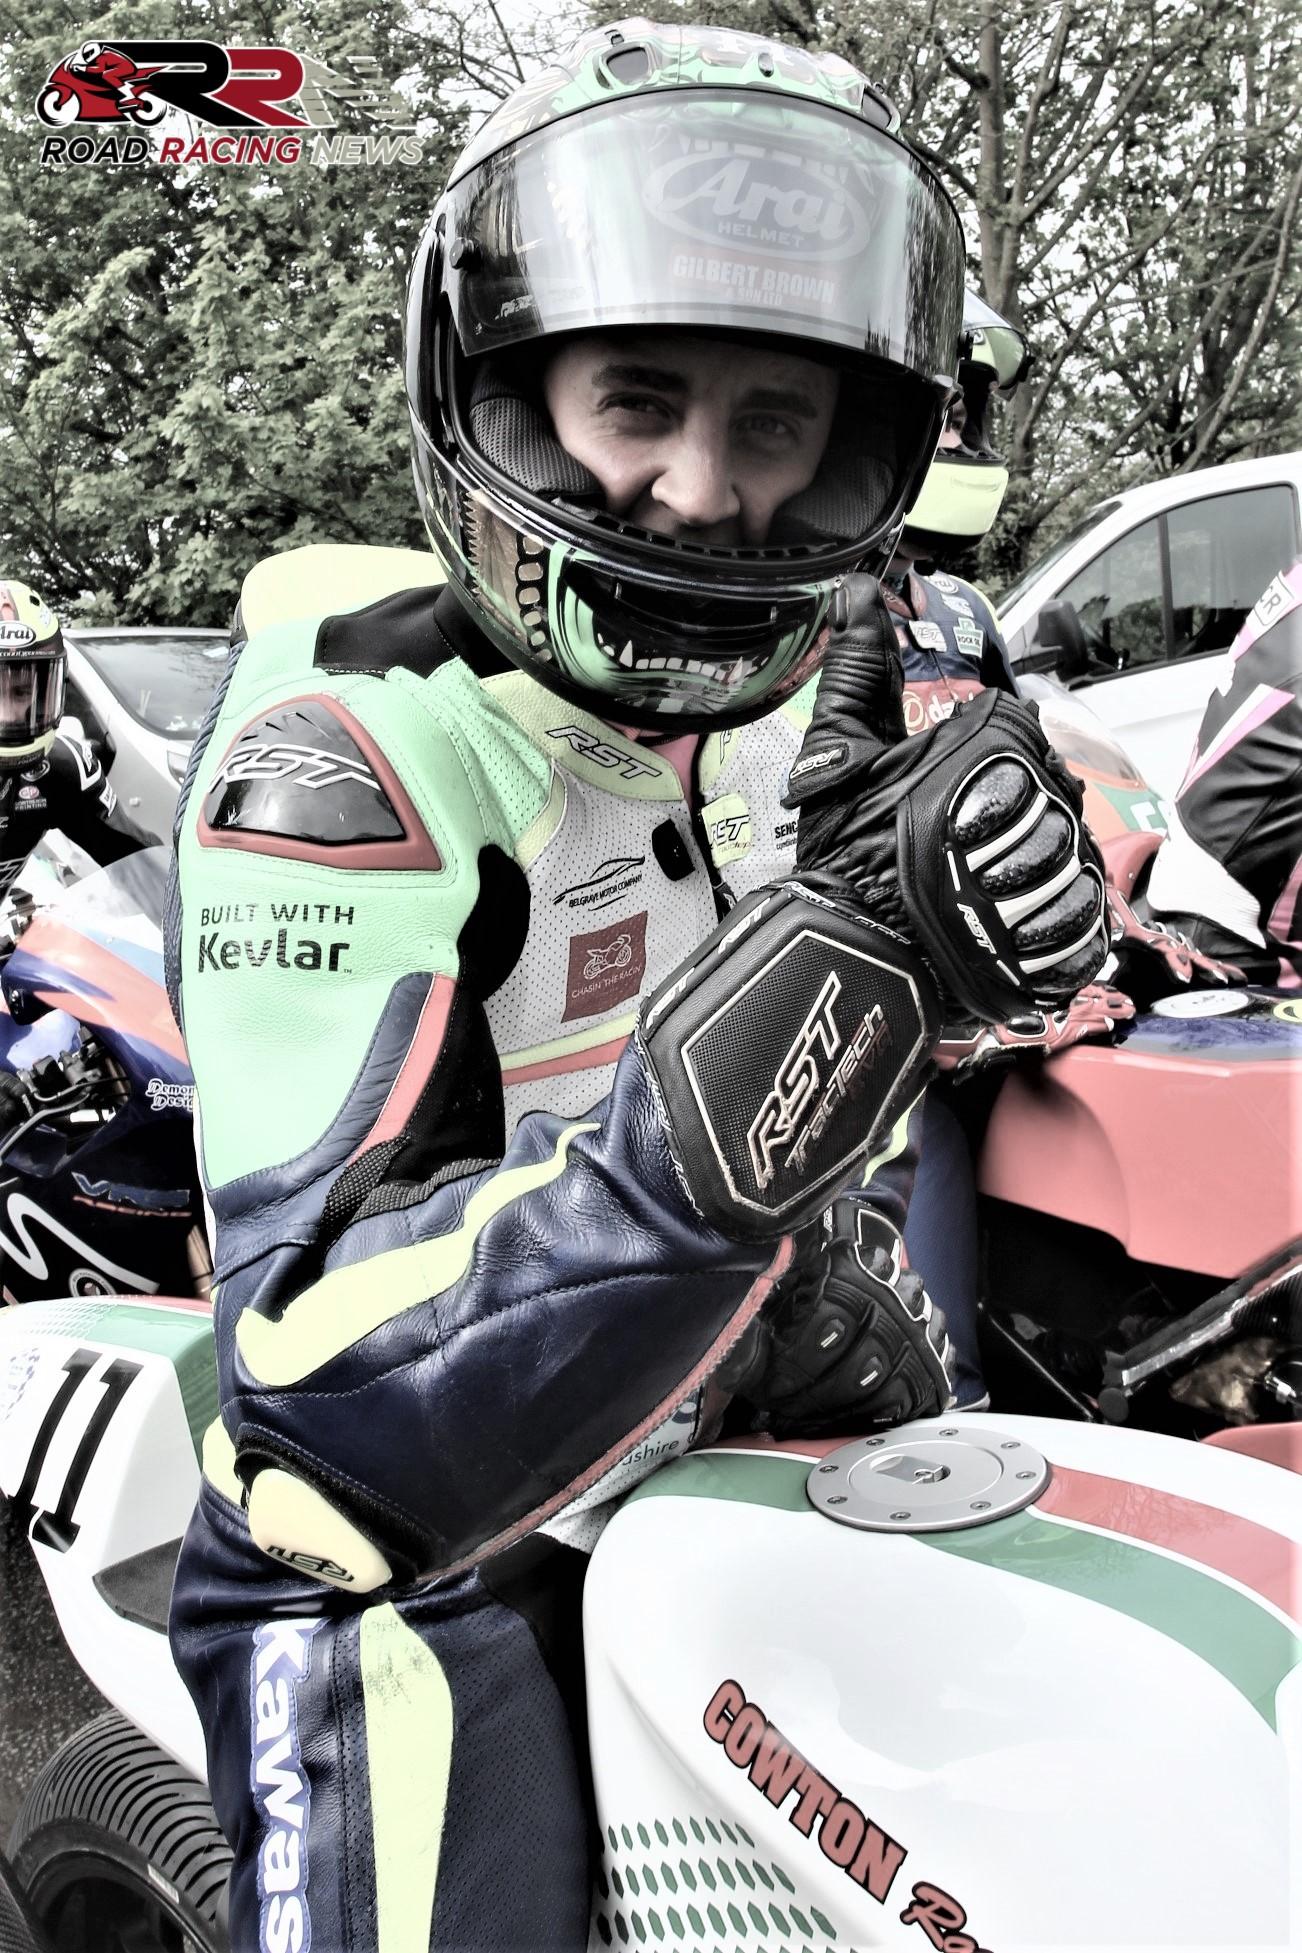 Road Racer's Adventures: CRMC, Pembrey